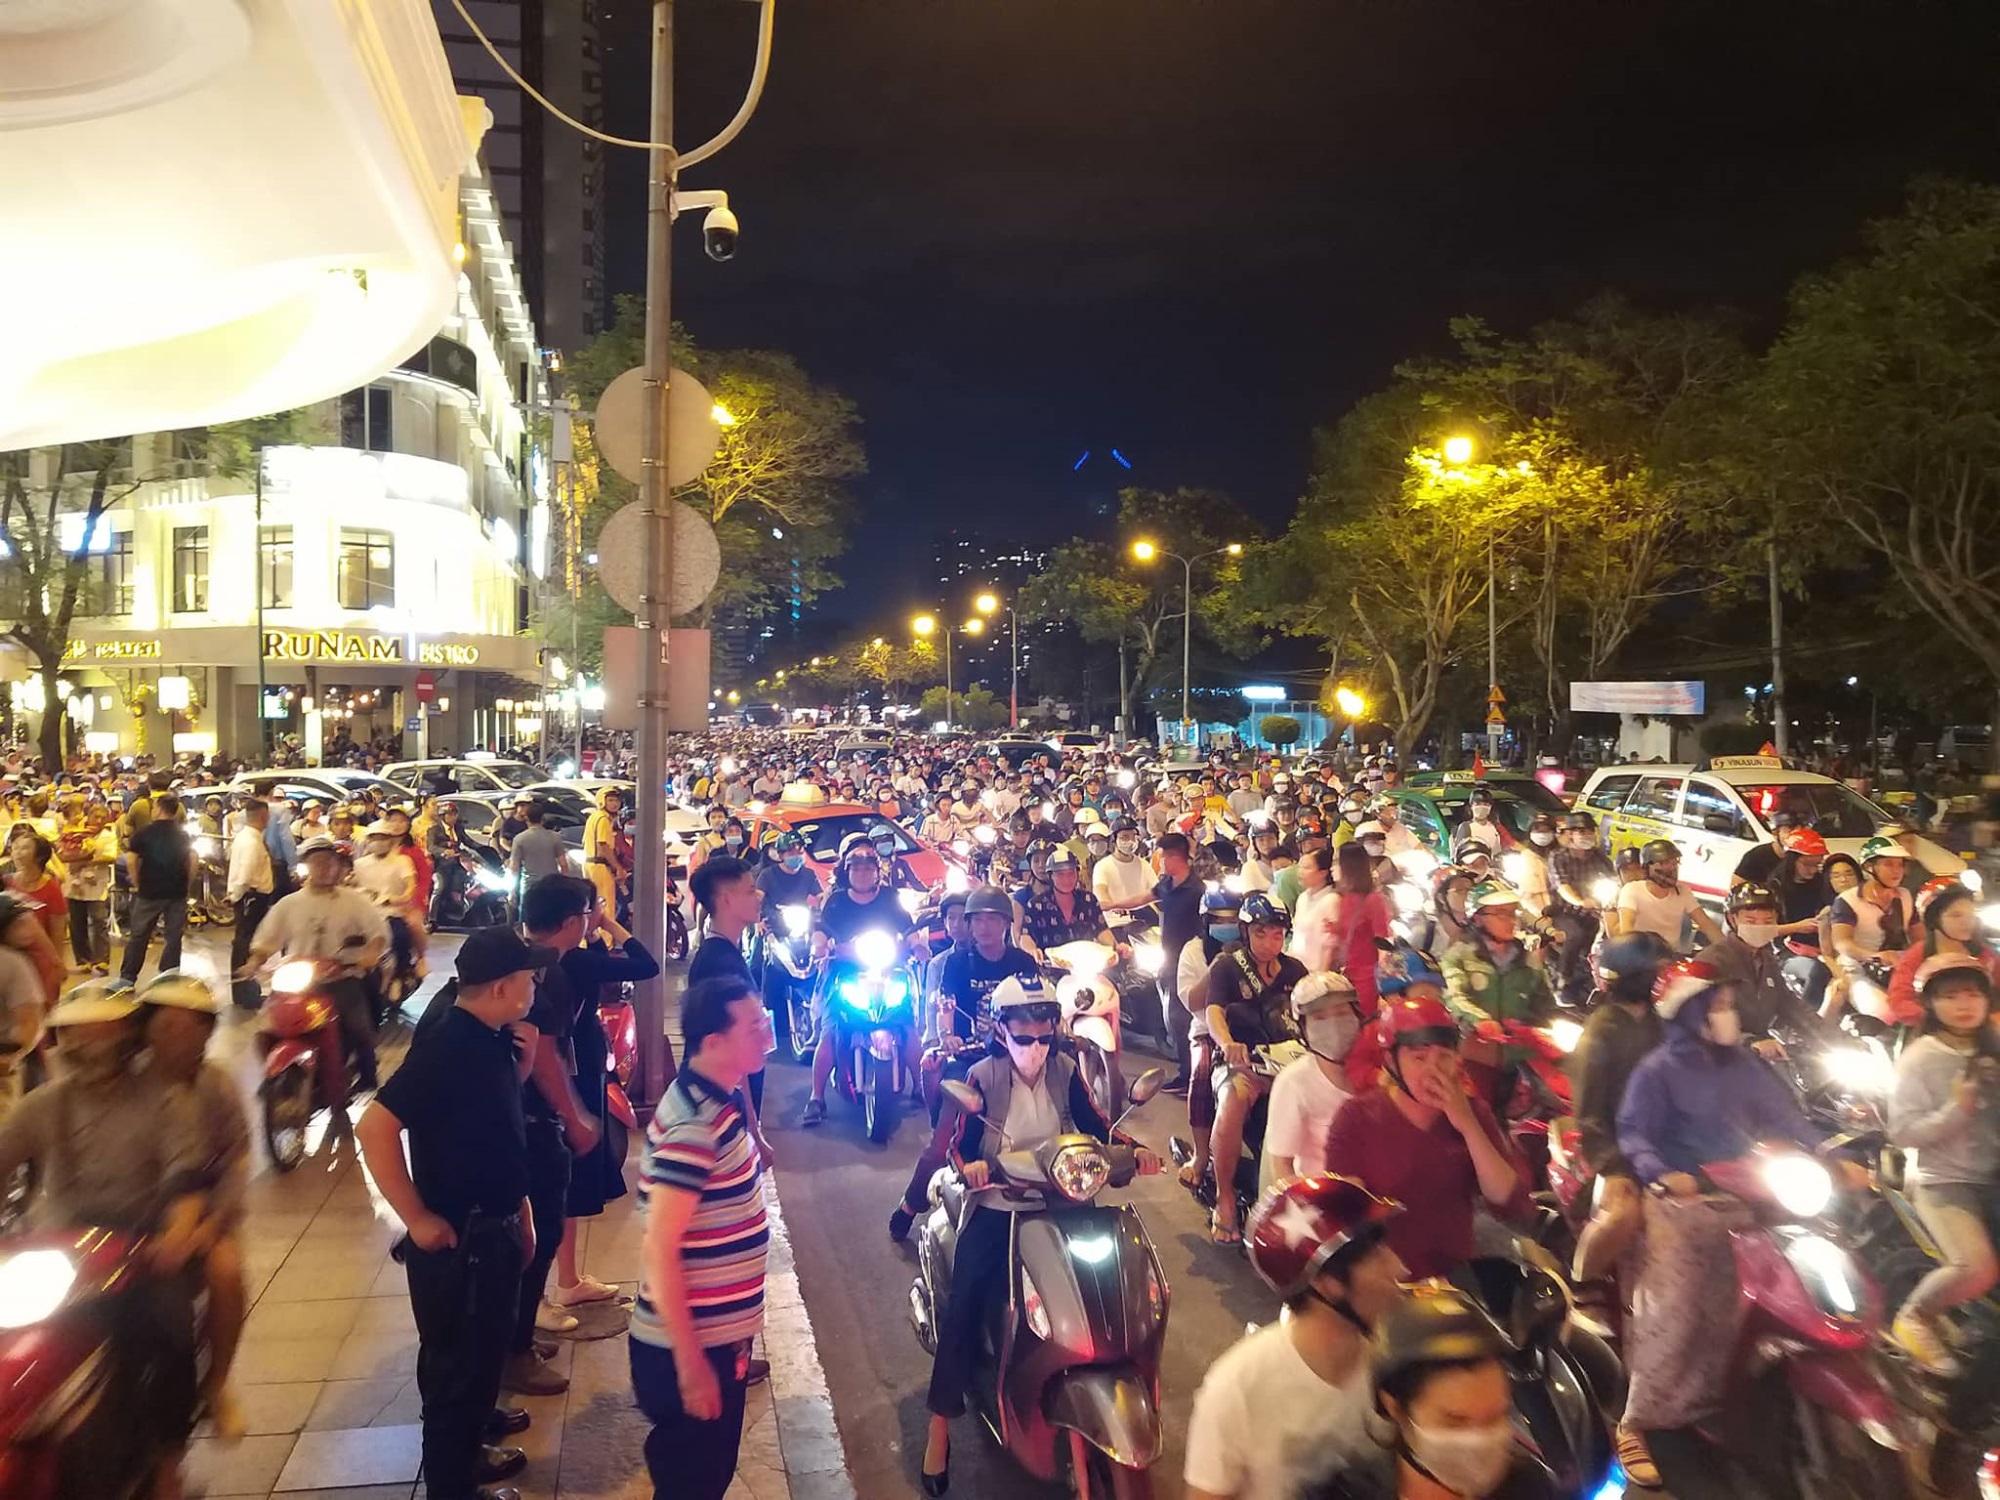 Hàng triệu người dân Sài Gòn xuống phố đón màn pháo hoa rực rỡ mừng năm mới 2019 - Ảnh 15